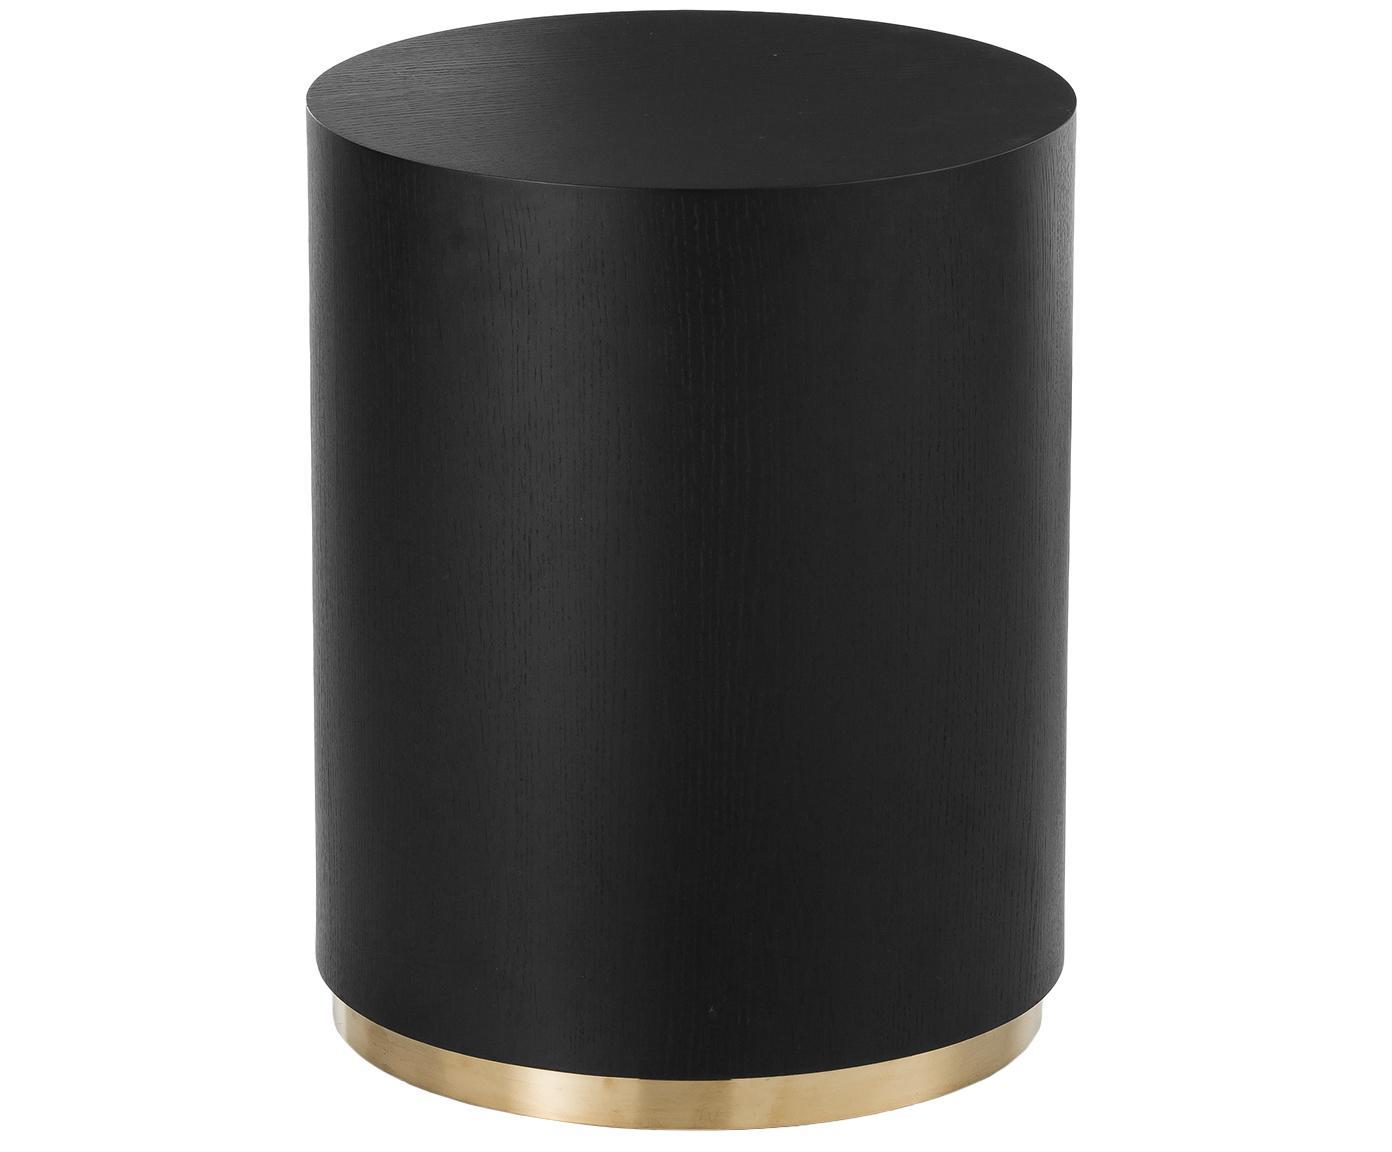 Beistelltisch Clarice in Schwarz, Korpus: Mitteldichte Holzfaserpla, Korpus: Eschenholz, schwarz lackiertFuss: Goldfarben, Ø 40 x H 50 cm